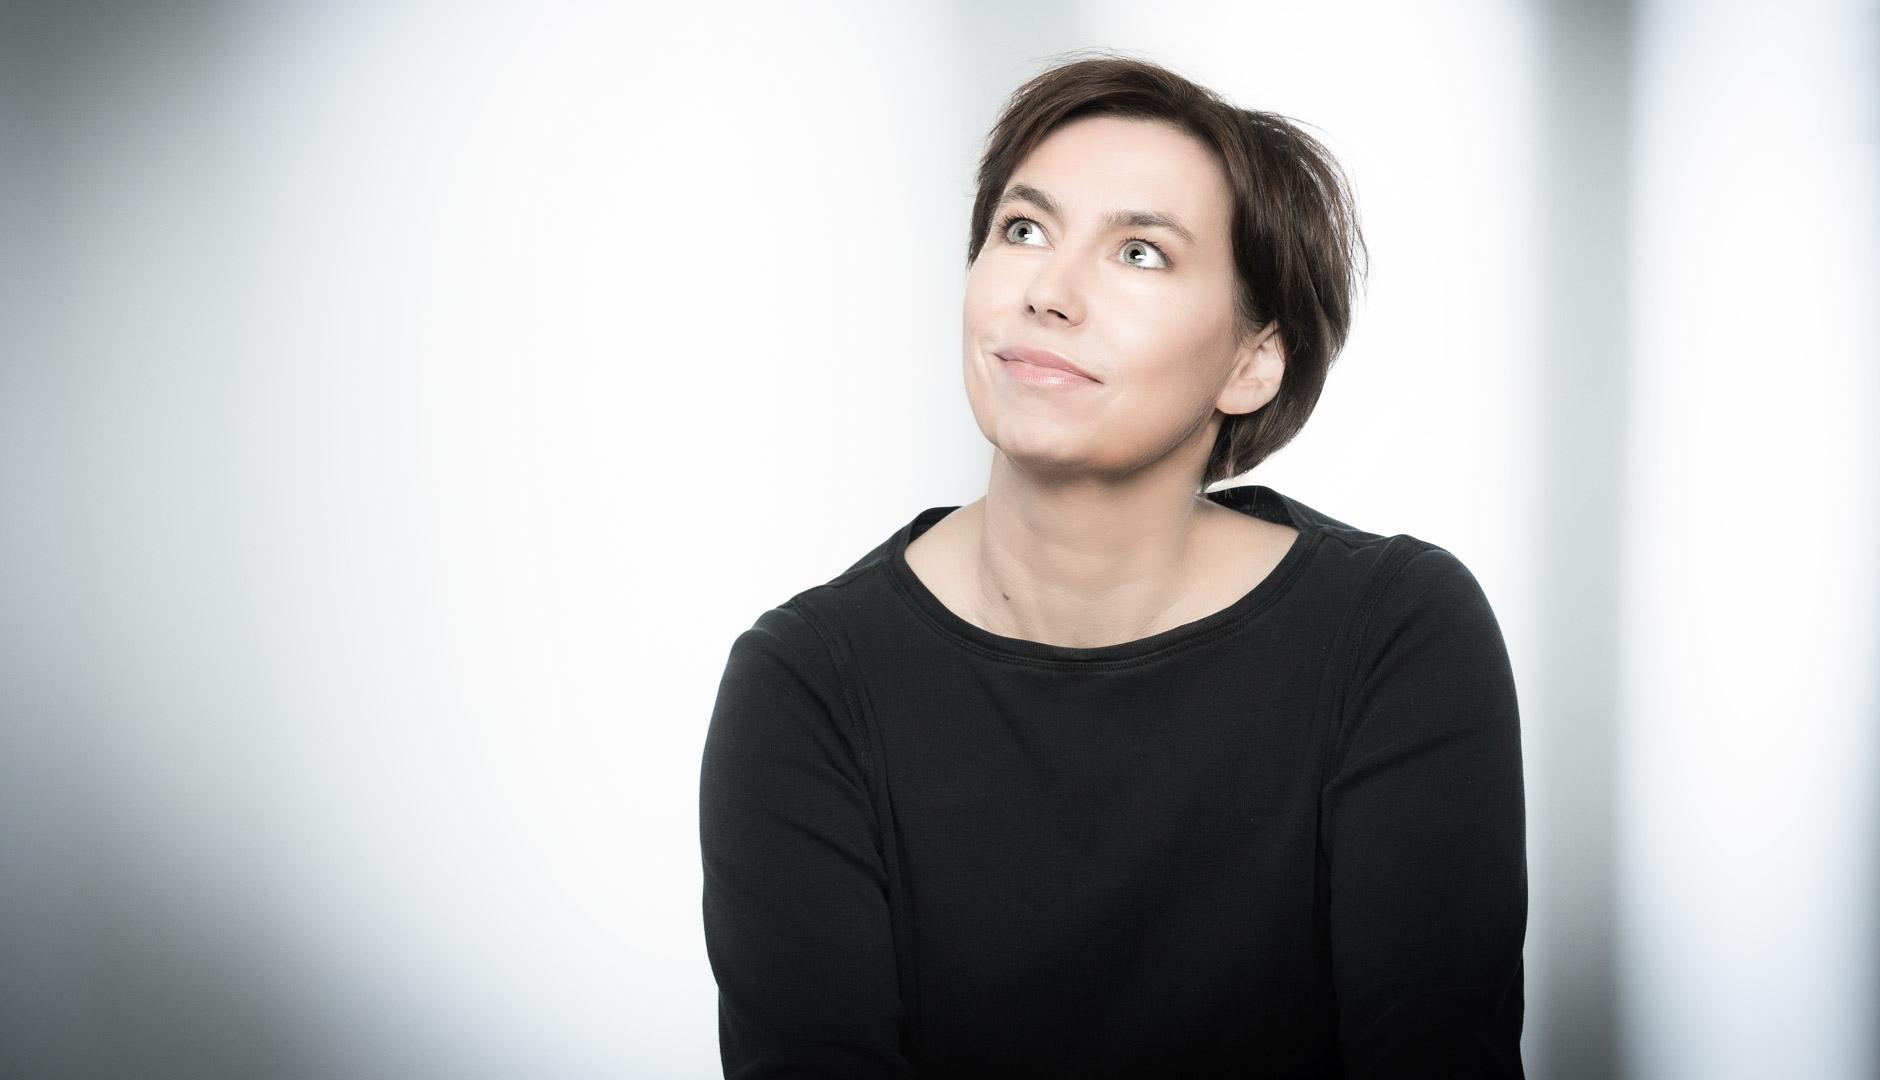 Anja-Christin Winkler, Regisseurin und Theaterautorin